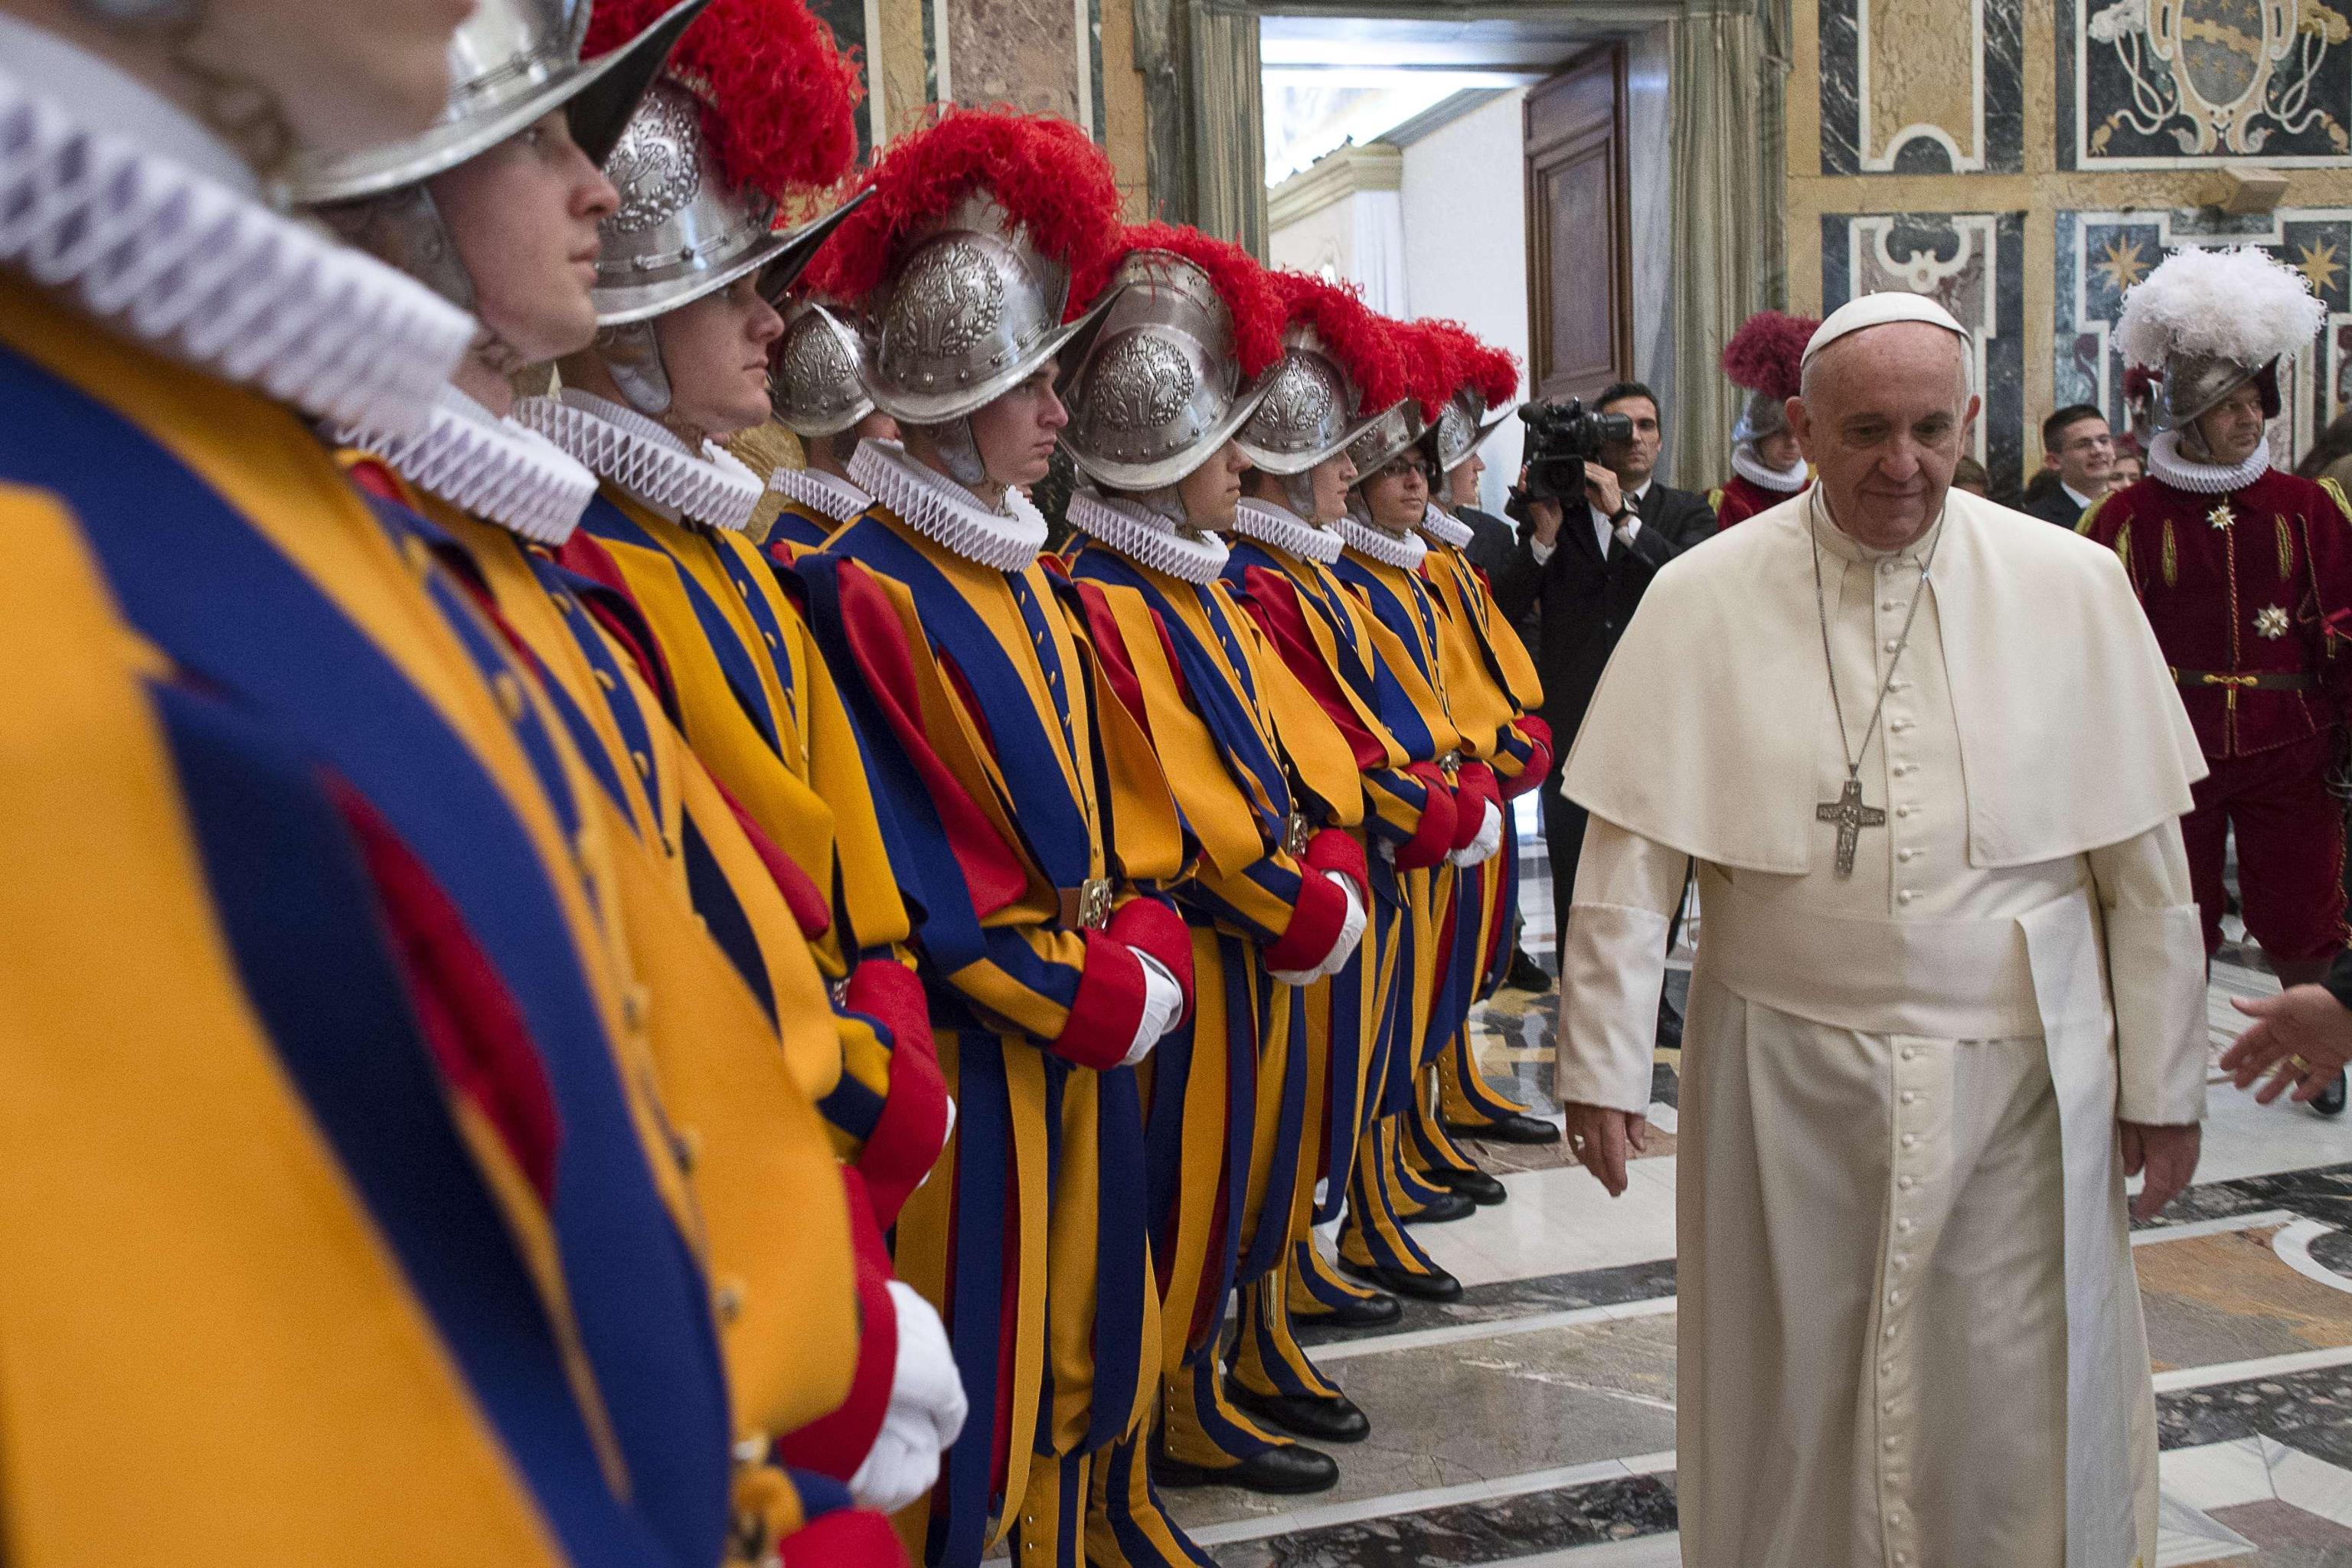 Il Vaticano senza 'soldati', guardie svizzere sotto organico e non si arruola più nessuno